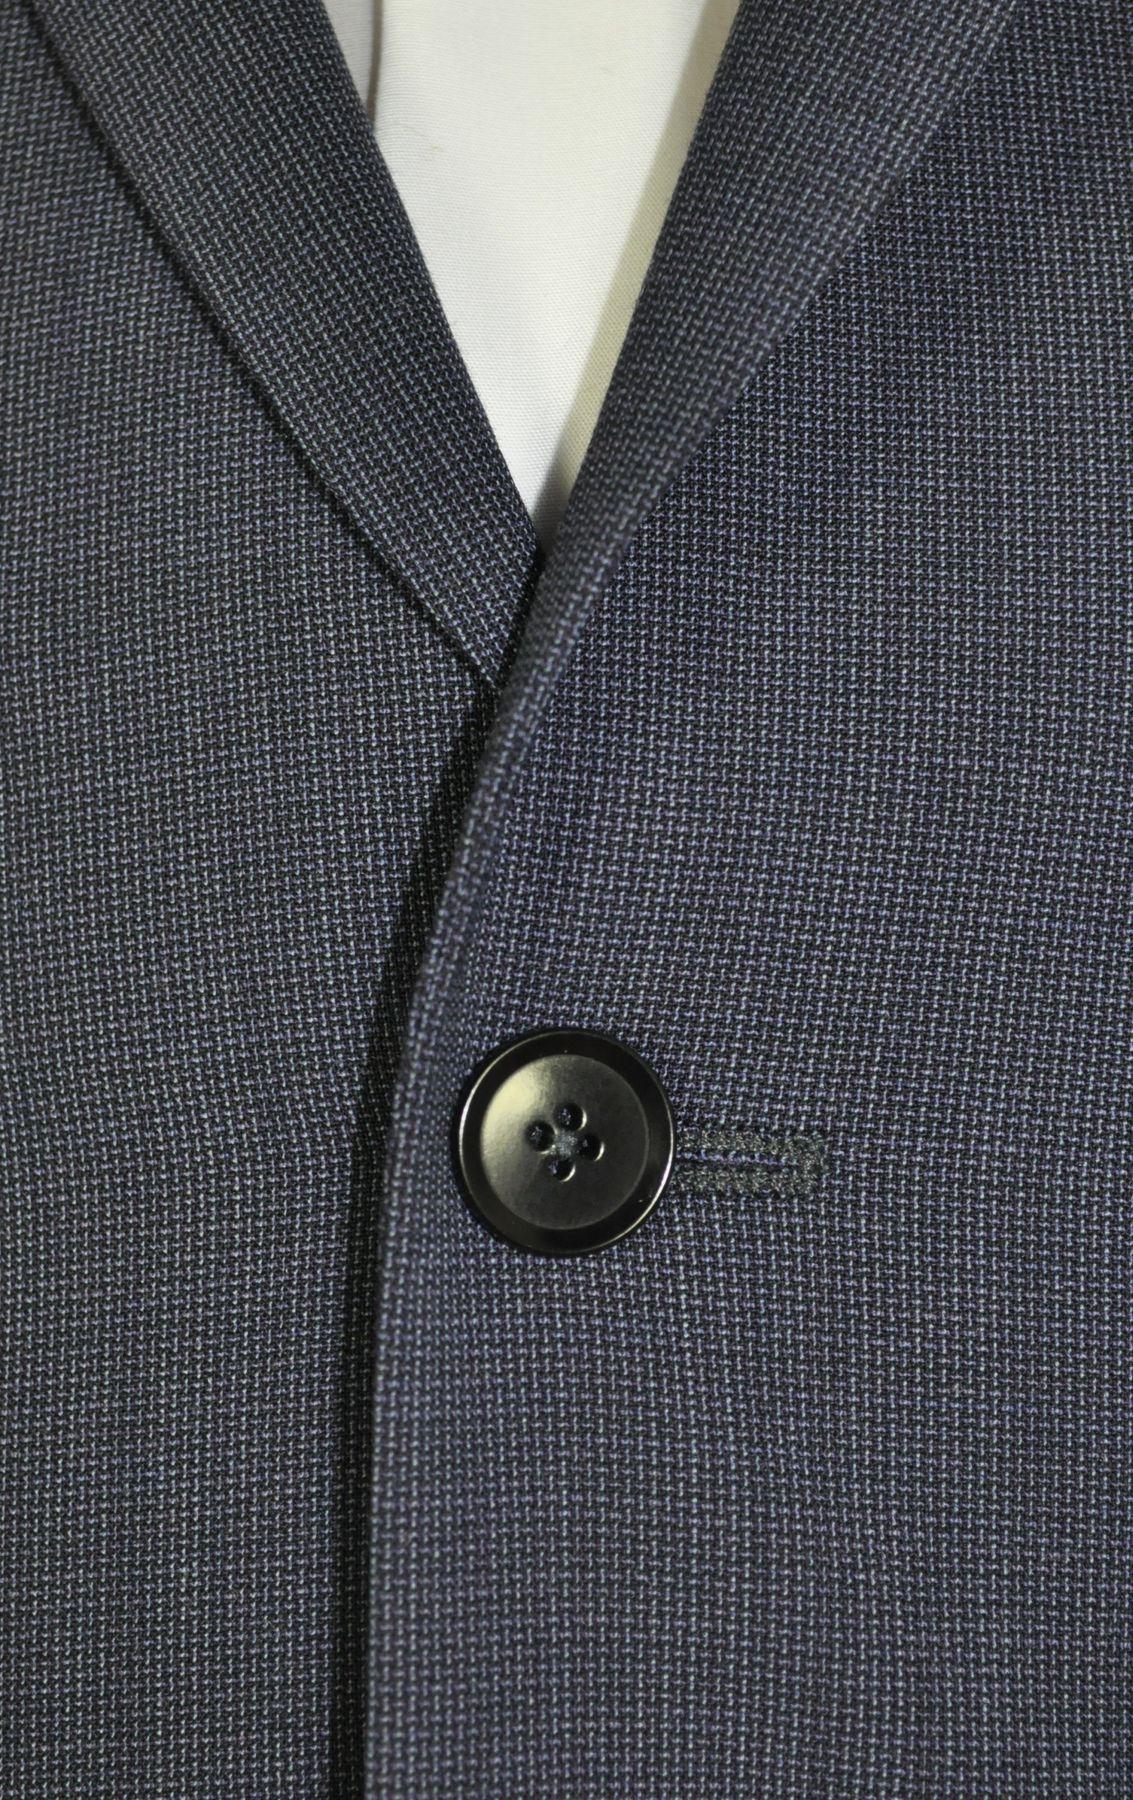 Weis - Herren Sakko mit Stretch Einsatz in Grau oder Blau, Benno 2215 (429 1610) – Bild 8